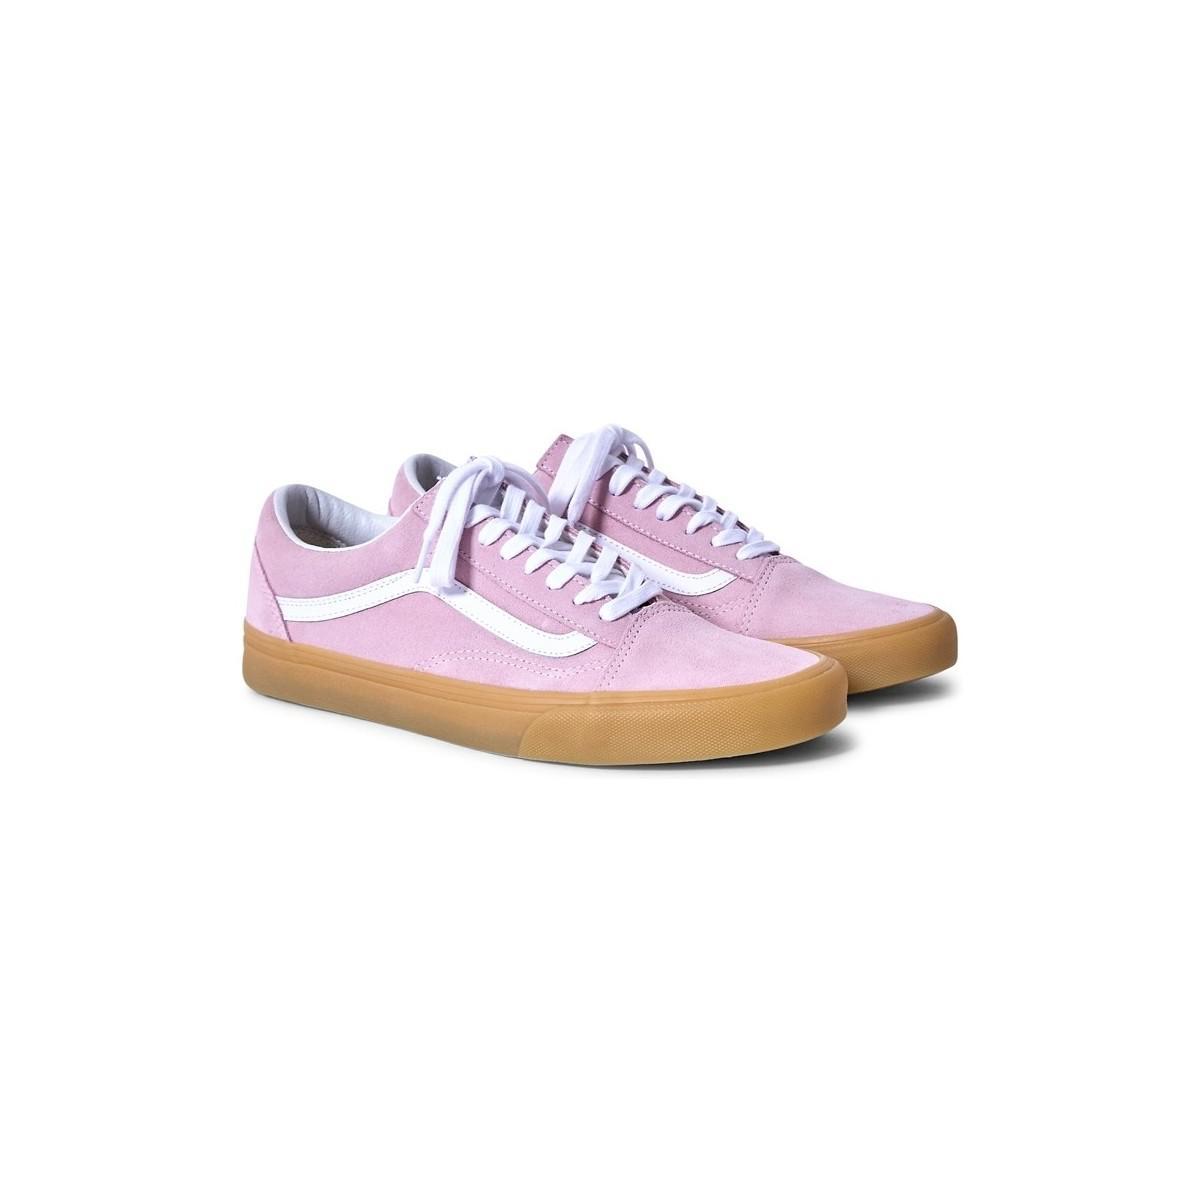 Vans Old Skool Trainers Gum Sole Pink